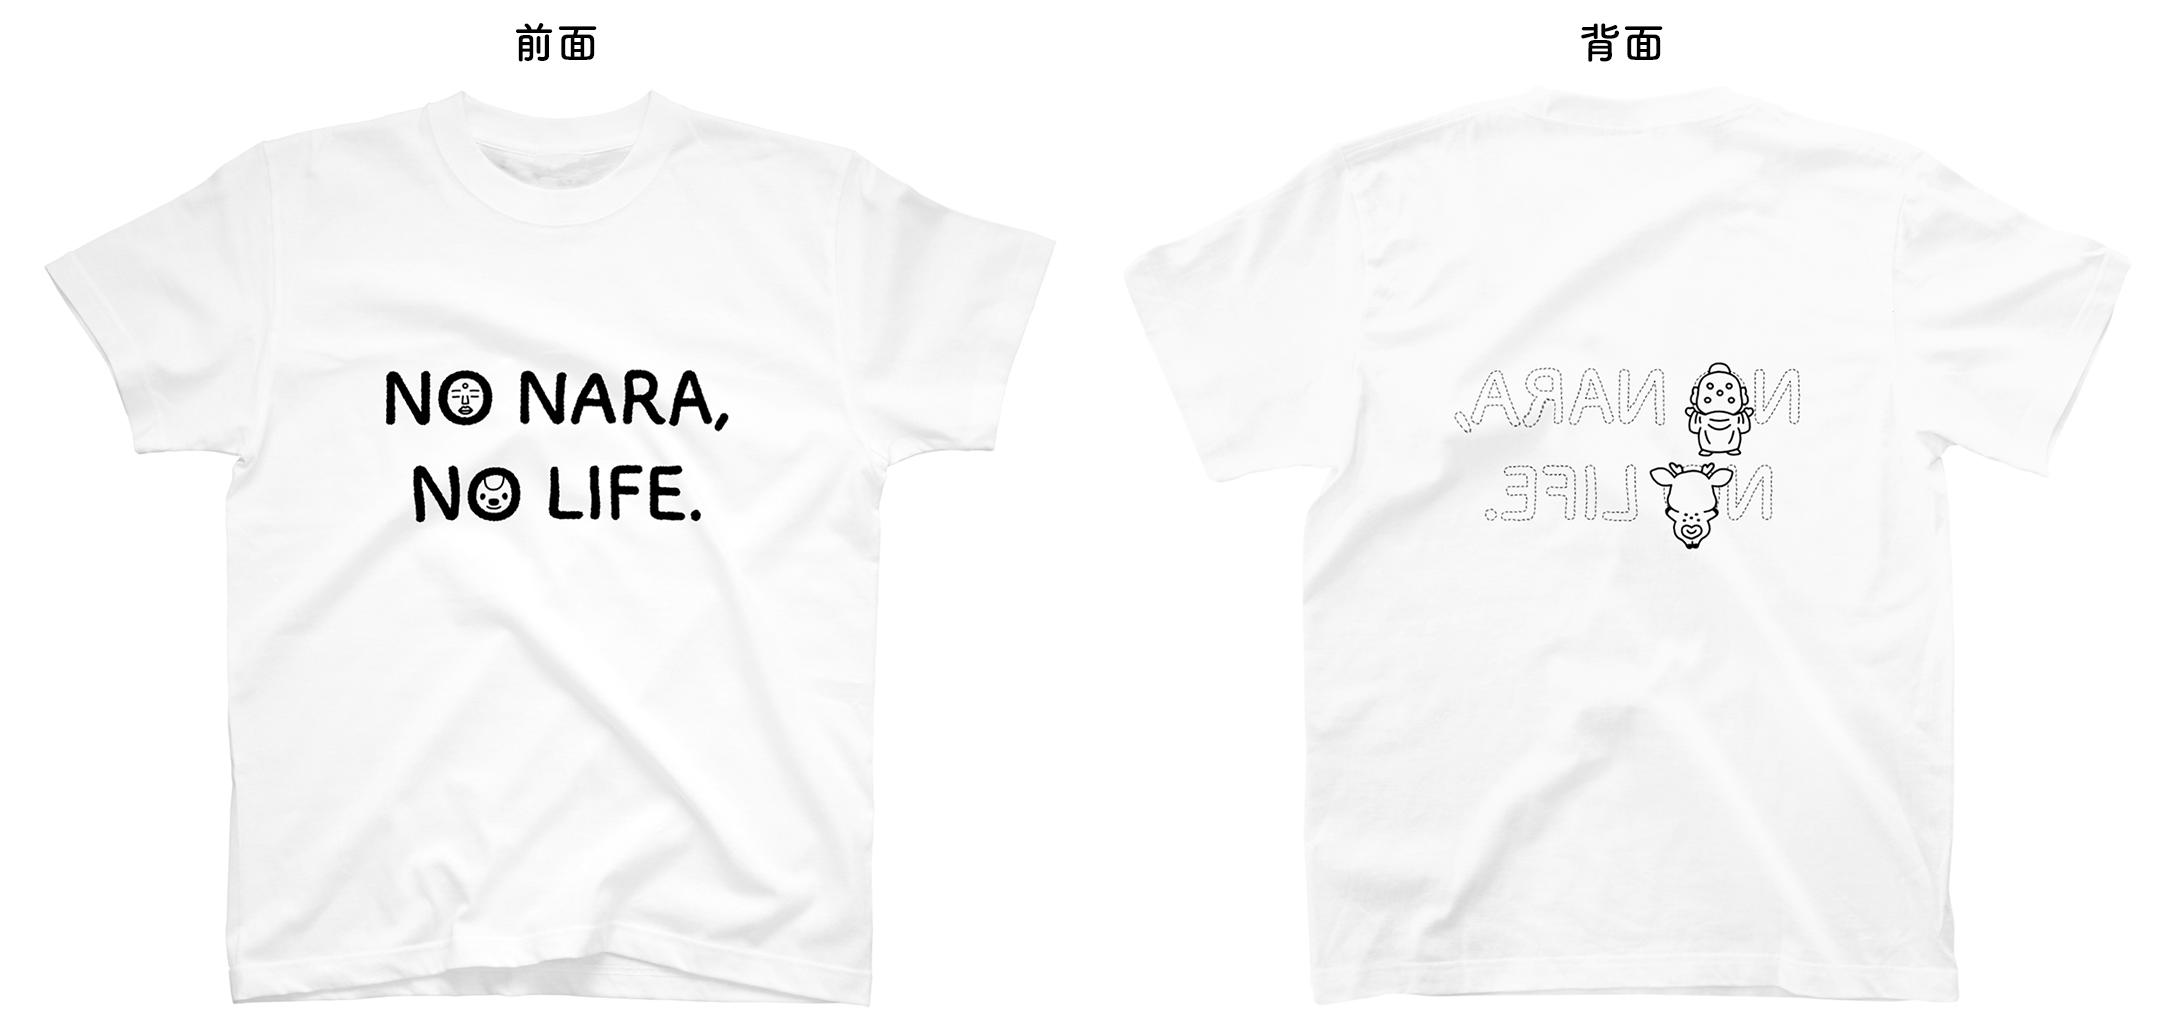 「NO NARA, NO LIFE. Tシャツ」人気カラーランキング